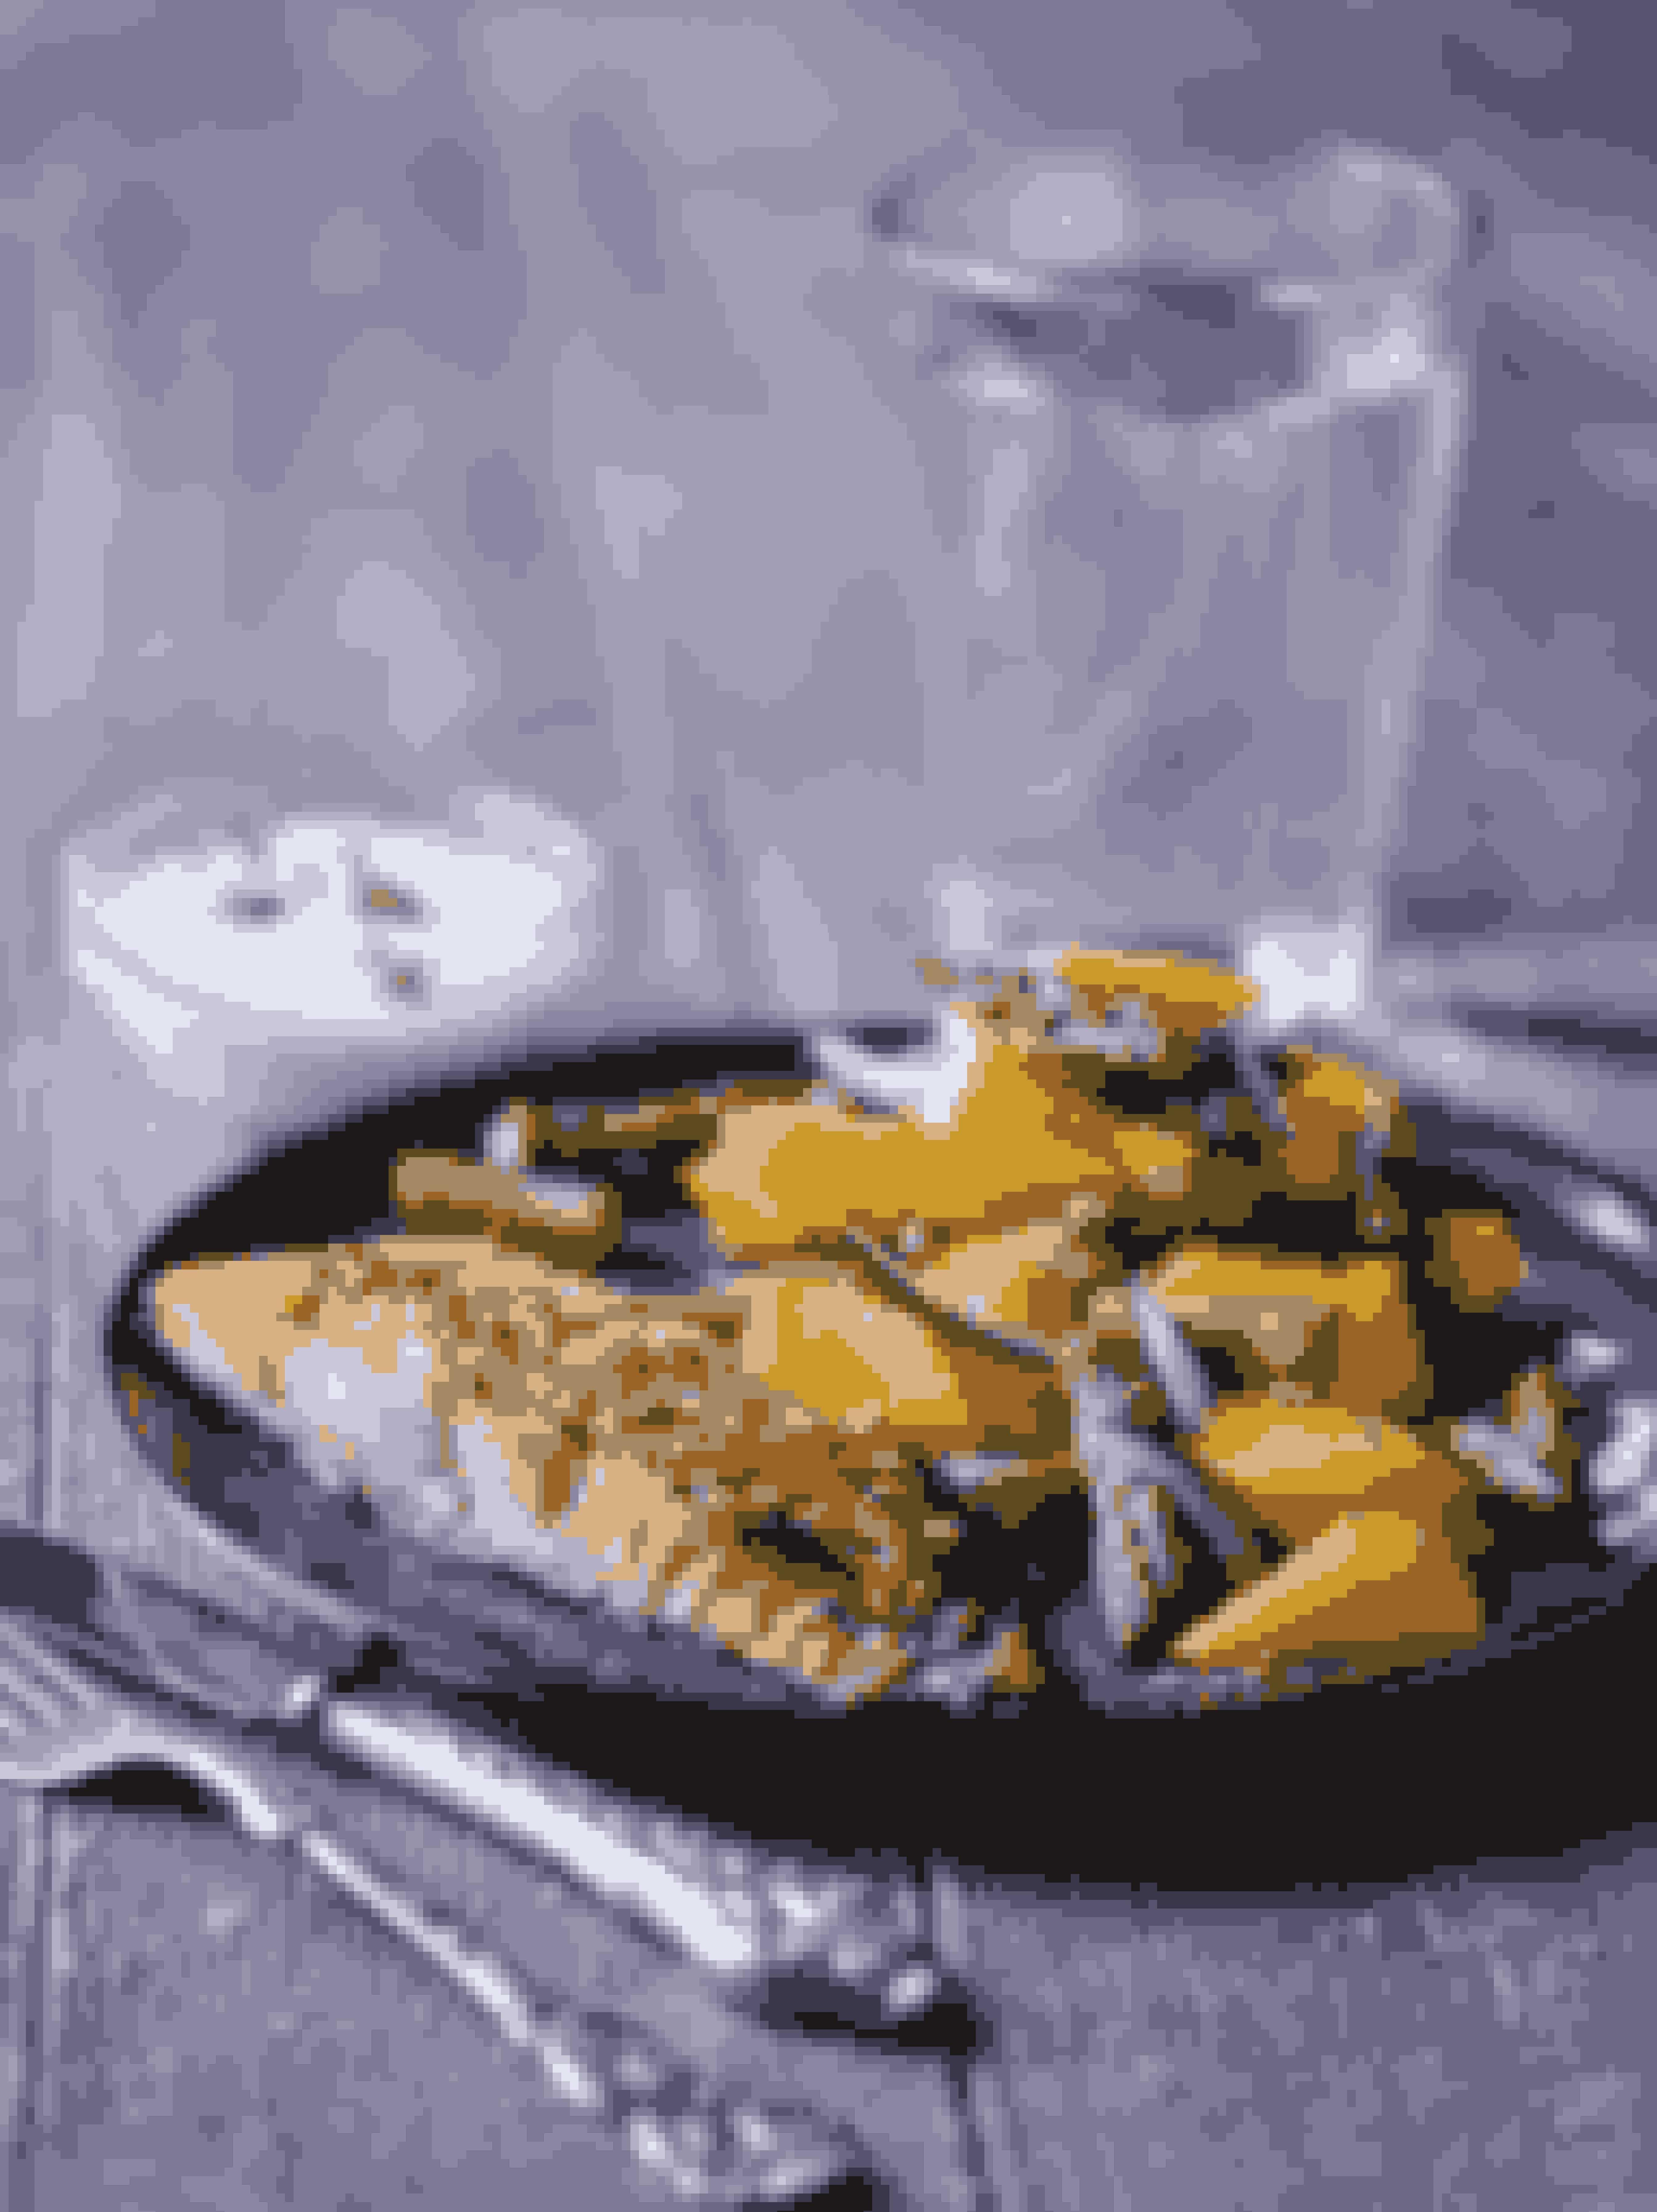 Tilberedningstid: 35 minutter inkl. bagetidMængde: 1 personDet skal du bruge150 g laks½ tsk. smør1 tsk. ahornsirup1 tsk. olivenolie½ tsk. tørrede chiliflager100 g grønne asparges½ mango1 lille rødløgPeberSalt2 spsk. fraiche 5 %Sådan gør duSmør et lille ovnfast fad og læg laksestykket med skindsiden nedad.Pensl først ahornsirup på overfladen, derefter olie, og drys til sidst med chiliflager.Bag laksen i en varm ovn i cirka 20 minutter ved 200 grader, til den er gennembagt og overfladen er glaseret.Fjern den nederste, tørre ende af aspargsene. Hæld kogende vand på dem og lad dem trække i 2-3 minutter, til de er mørkegrønne. Hæld vandet fra og skær aspargsene i 2-3 cm skiver.Skræl mangoen og skær frugtkødet i passende stykker.Snit rødløget i tynde skiver.Bland asparges, mango og rødløg til en salat og kværn lidt sort peber på. Salt din mad efter behov.Det bør der ligge på din tallerkenEn håndfuld bagt laks, to håndfulde mangosalat og to spiseskefulde fraiche 5 % som dressing.Sådan fordeler du efter Sense-tallerkenmodellenHåndfuld 1+(2):  Asparges, rødløgHåndfuld 3:  LaksHåndfuld 4:  MangoFedt:  Smør, olivenolieMælkedressing:  Fraiche 5 %Smagsgiver: Ahornsirup, chiliflager, salt og peberTip: Bland friske krydderurter i fraiche-dressingenTip: Brug kylling i stedet for laks